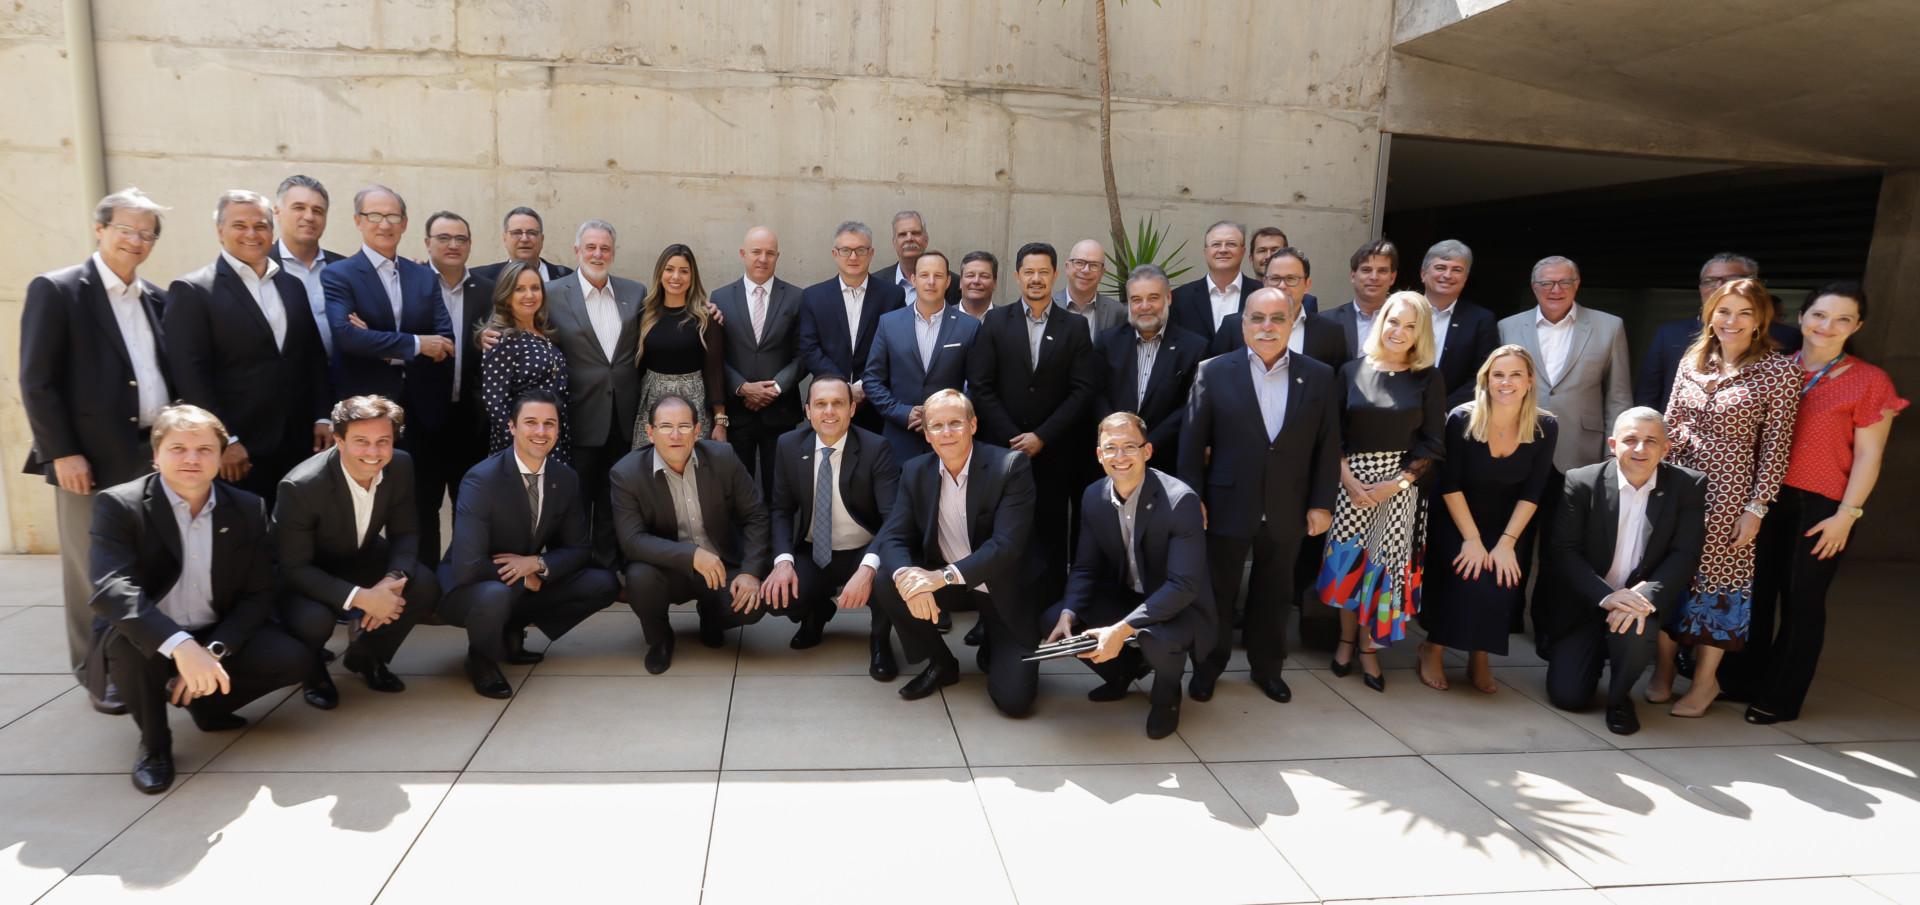 Lançamento do trabalho de Planejamento Estratégico com a Fundação Dom Cabral